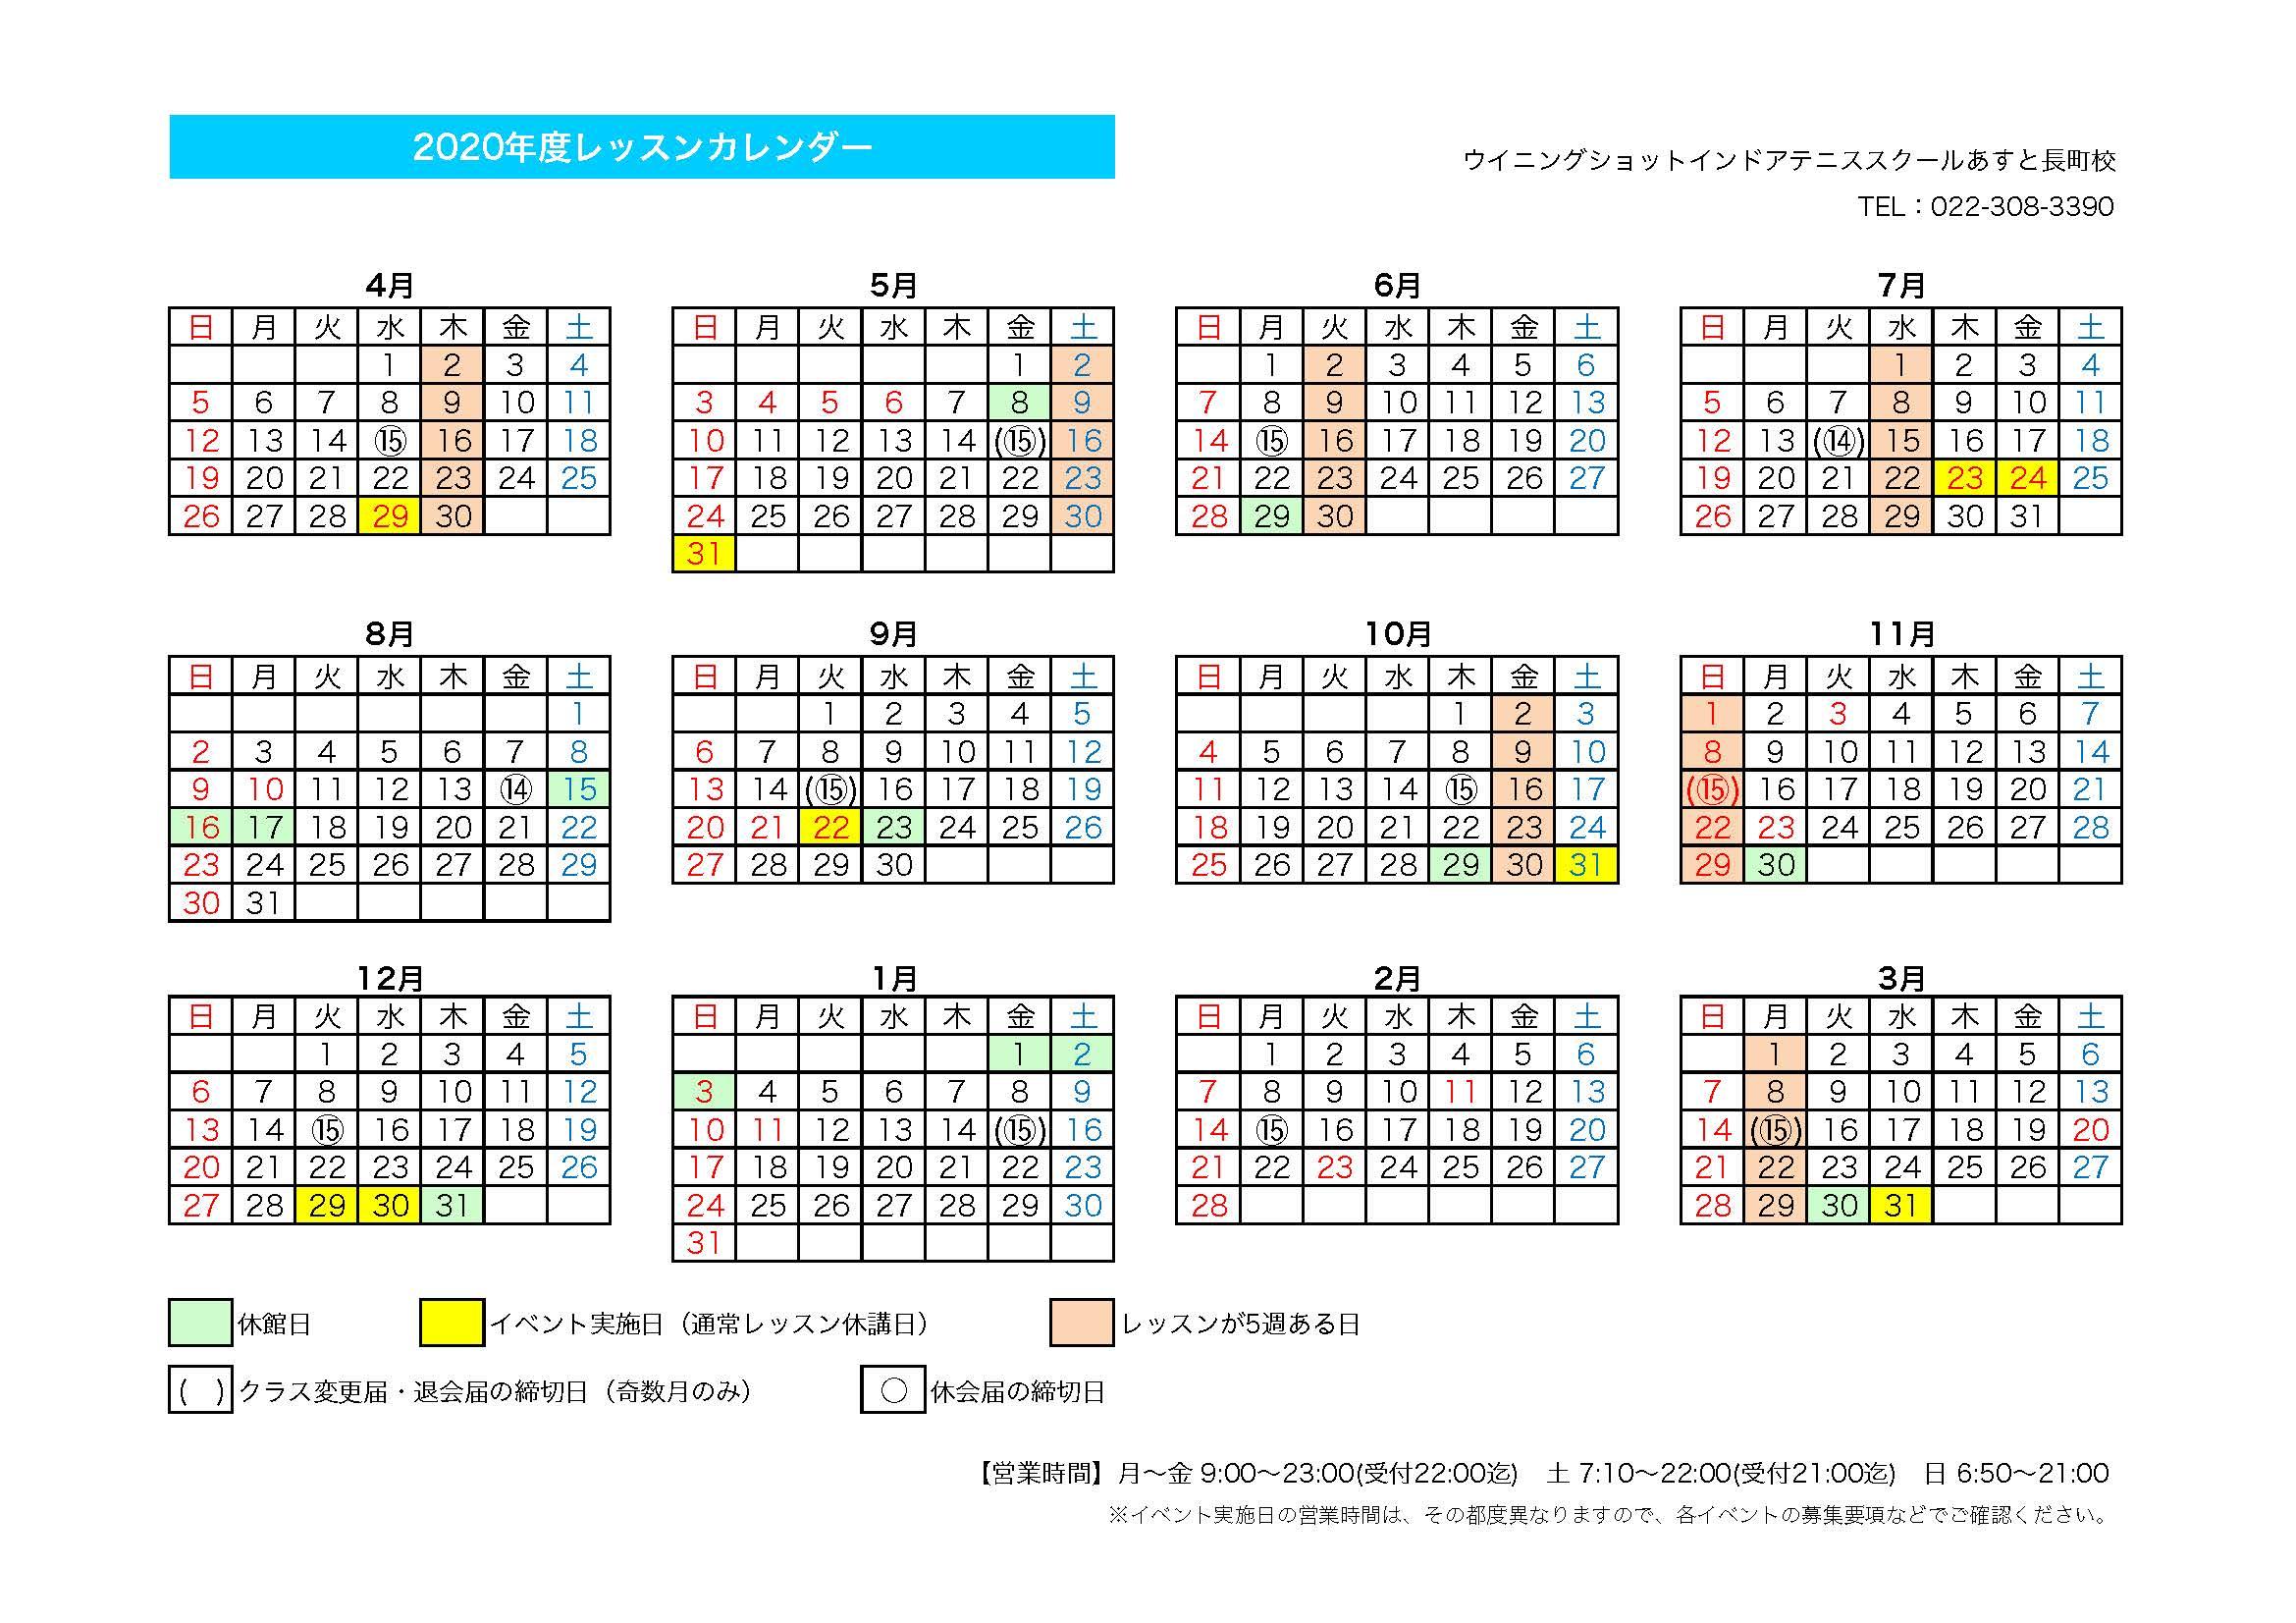 あすと長町校(インドア)2020年度レッスンカレンダー